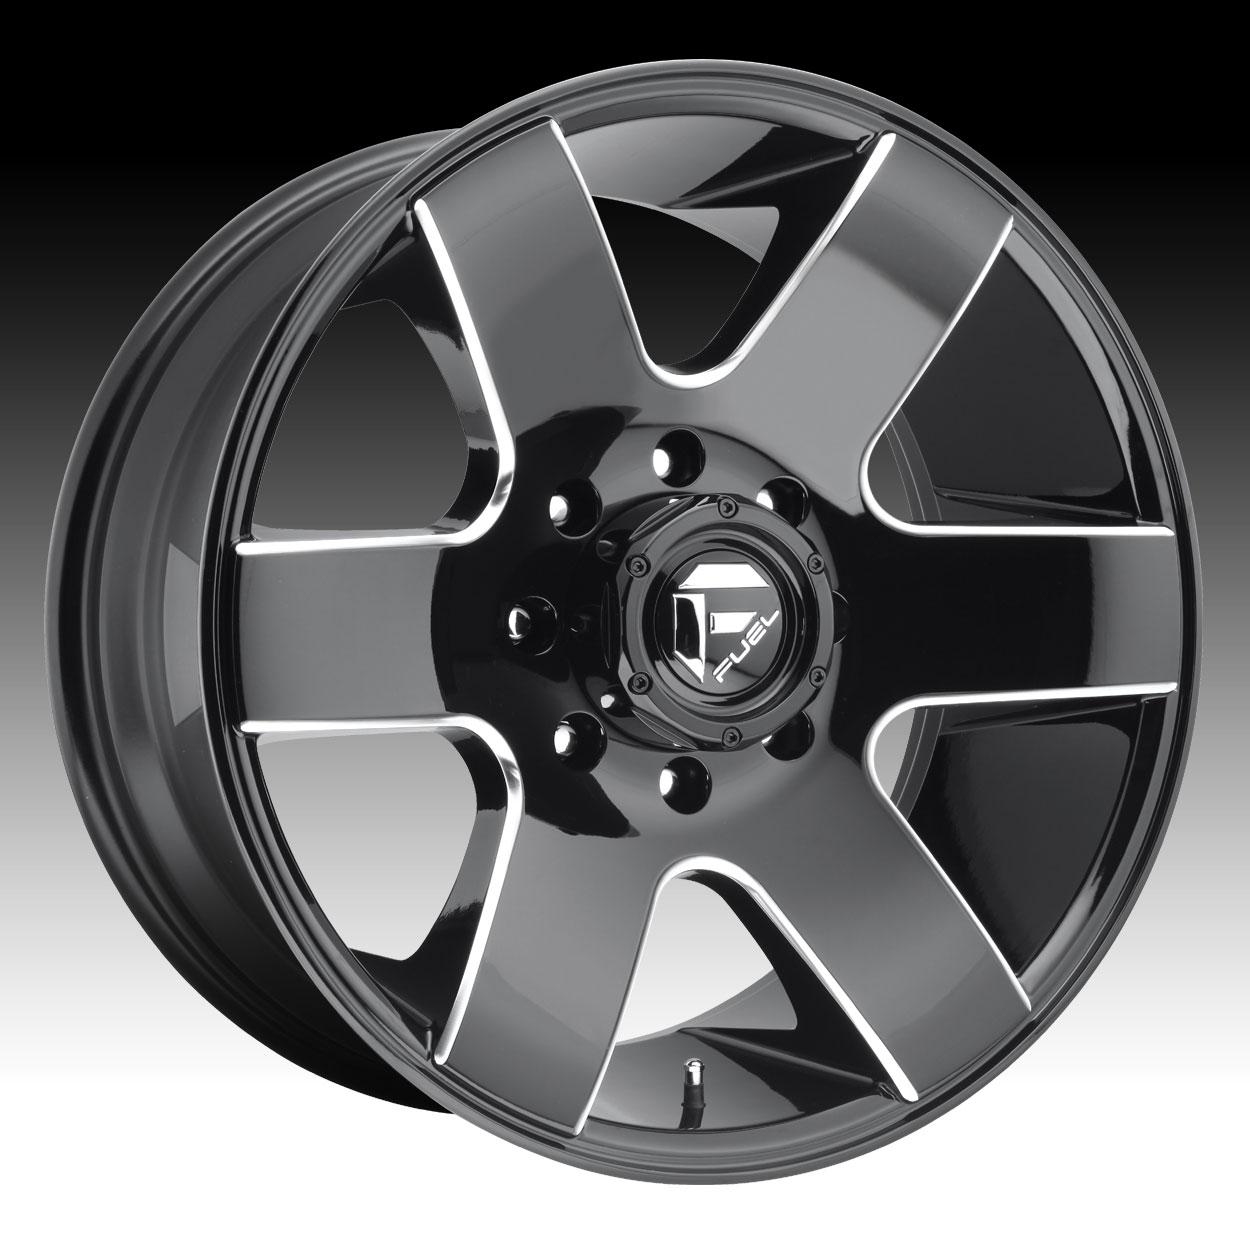 Fuel Tank D602 Gloss Black Milled Custom Truck Wheels Rims ...